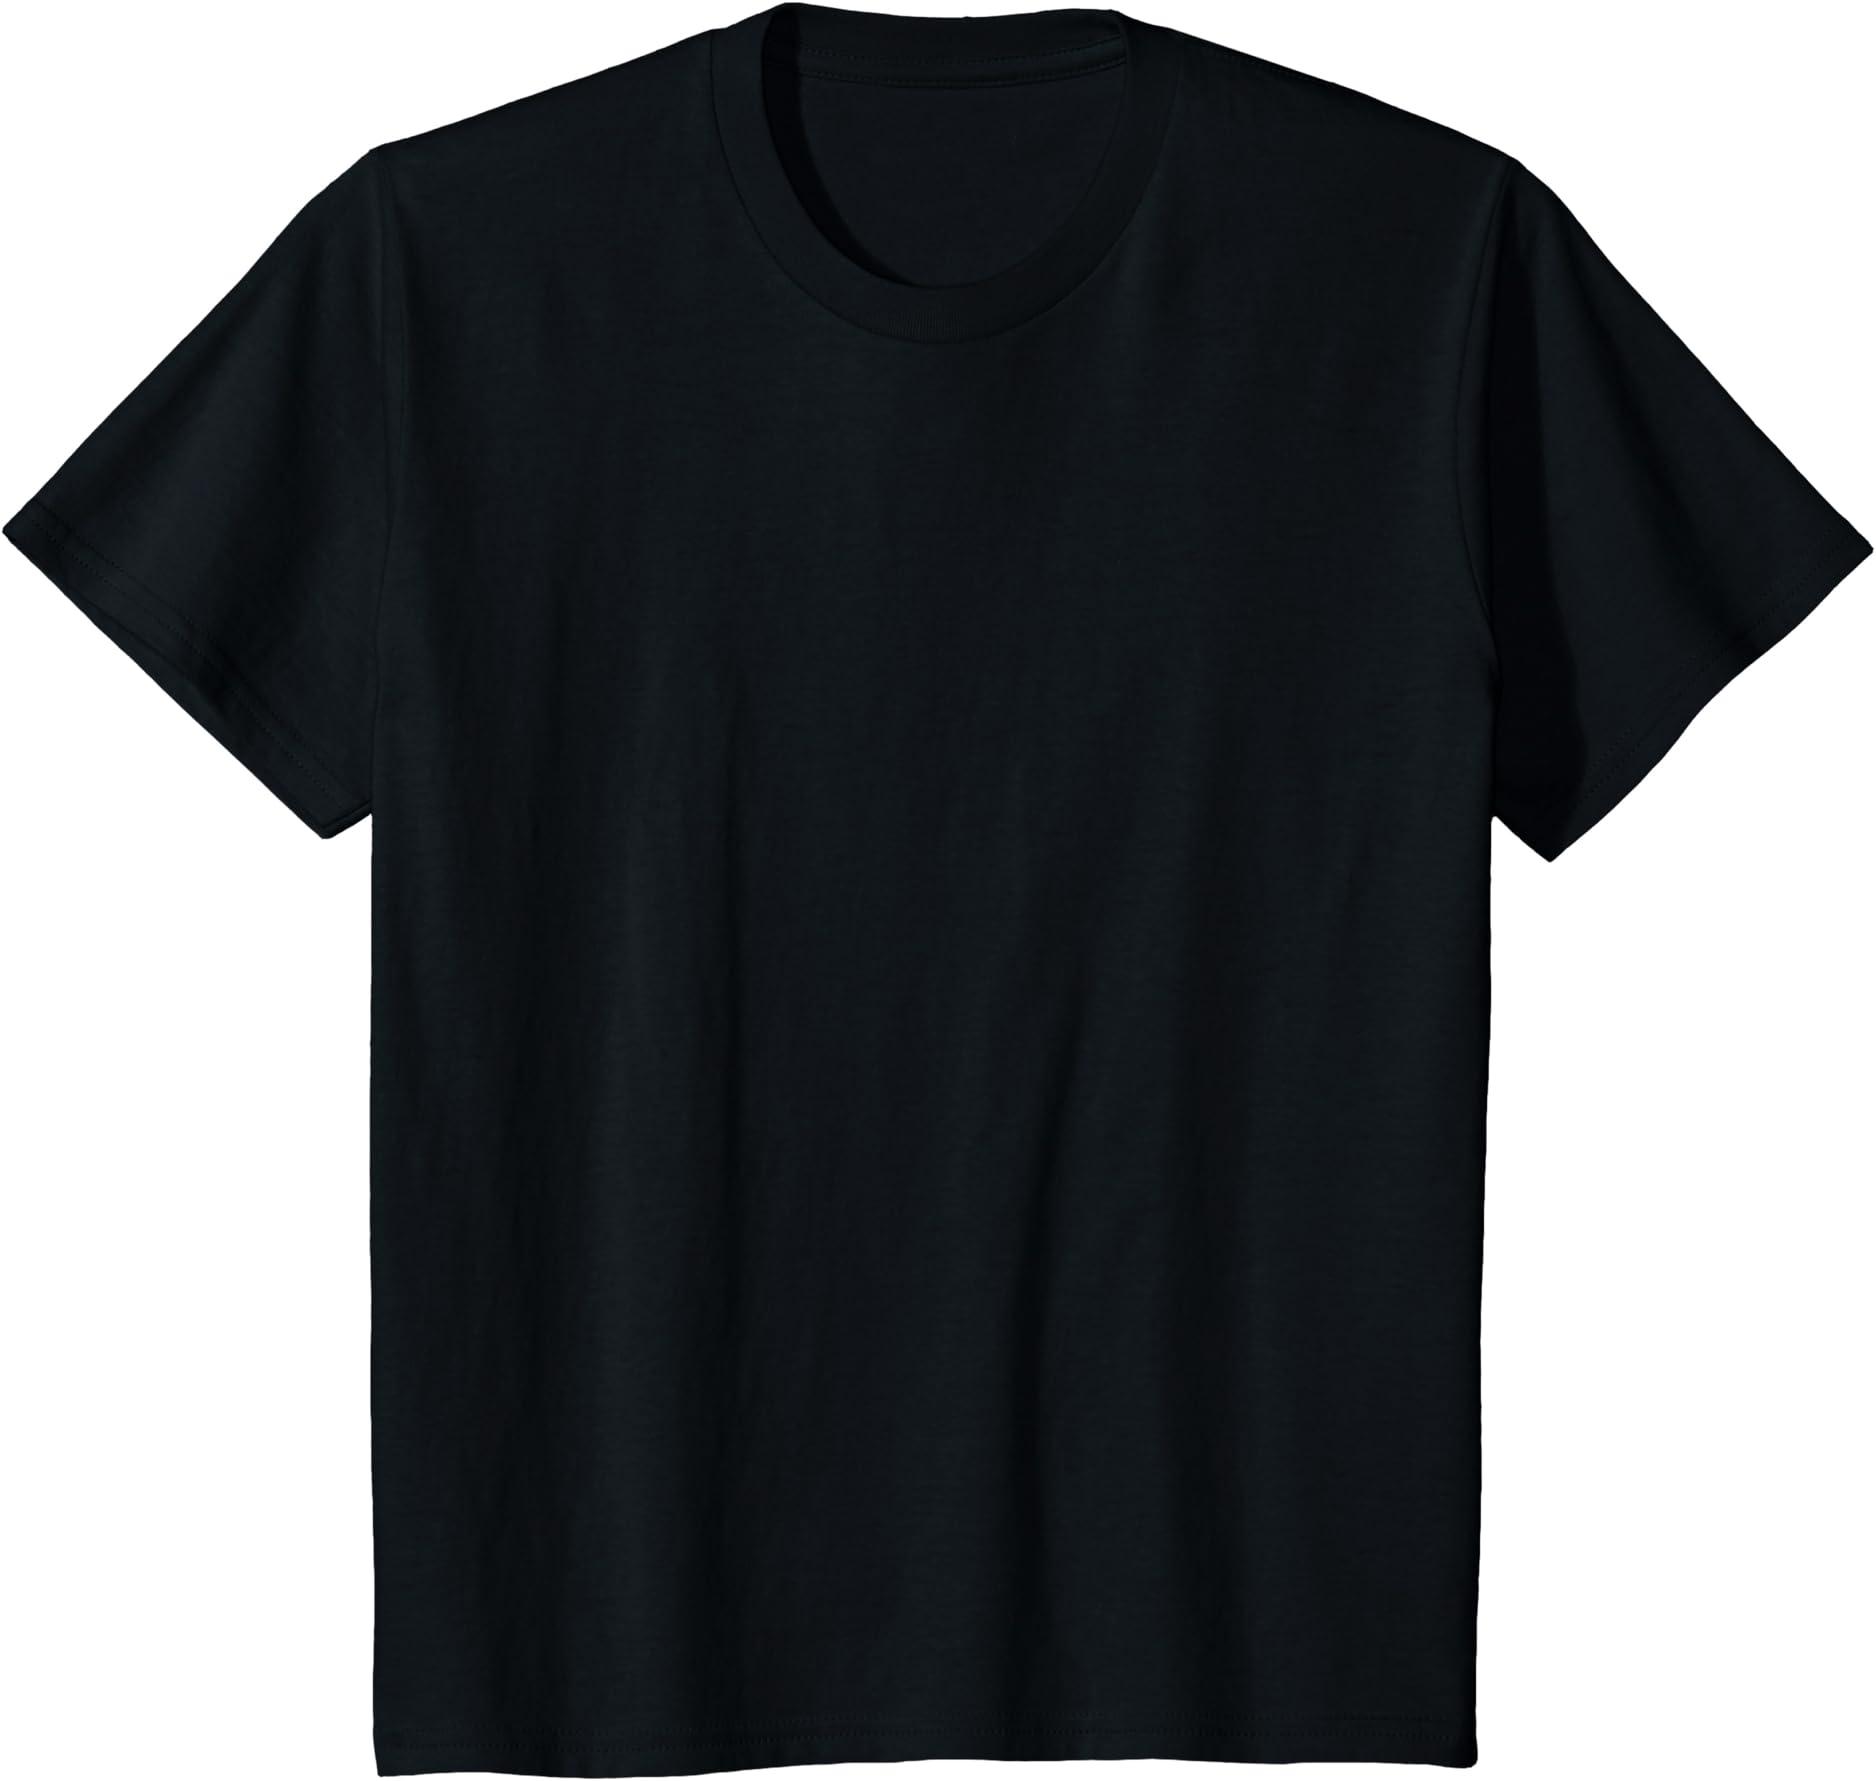 My Nana in Alaska Loves Me Toddler//Kids Long Sleeve T-Shirt